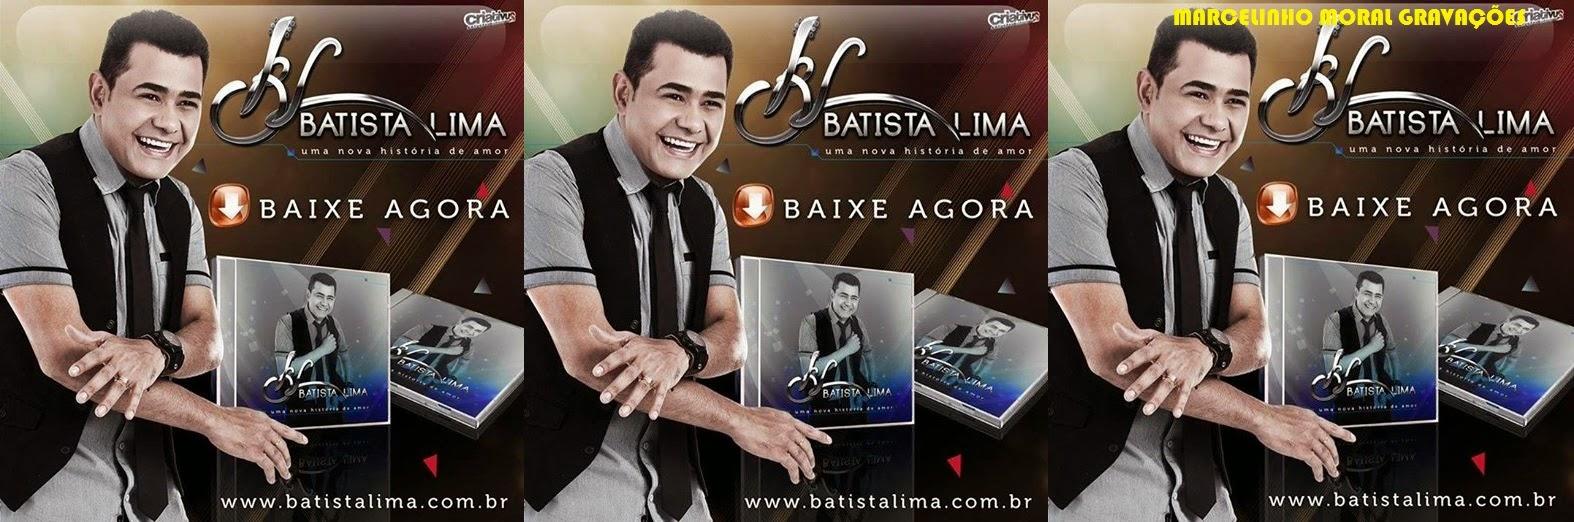 [BaixeCD] Batista Lima ex:LIMÃO COM MEL - Cd Uma Nova História de Amor 2014